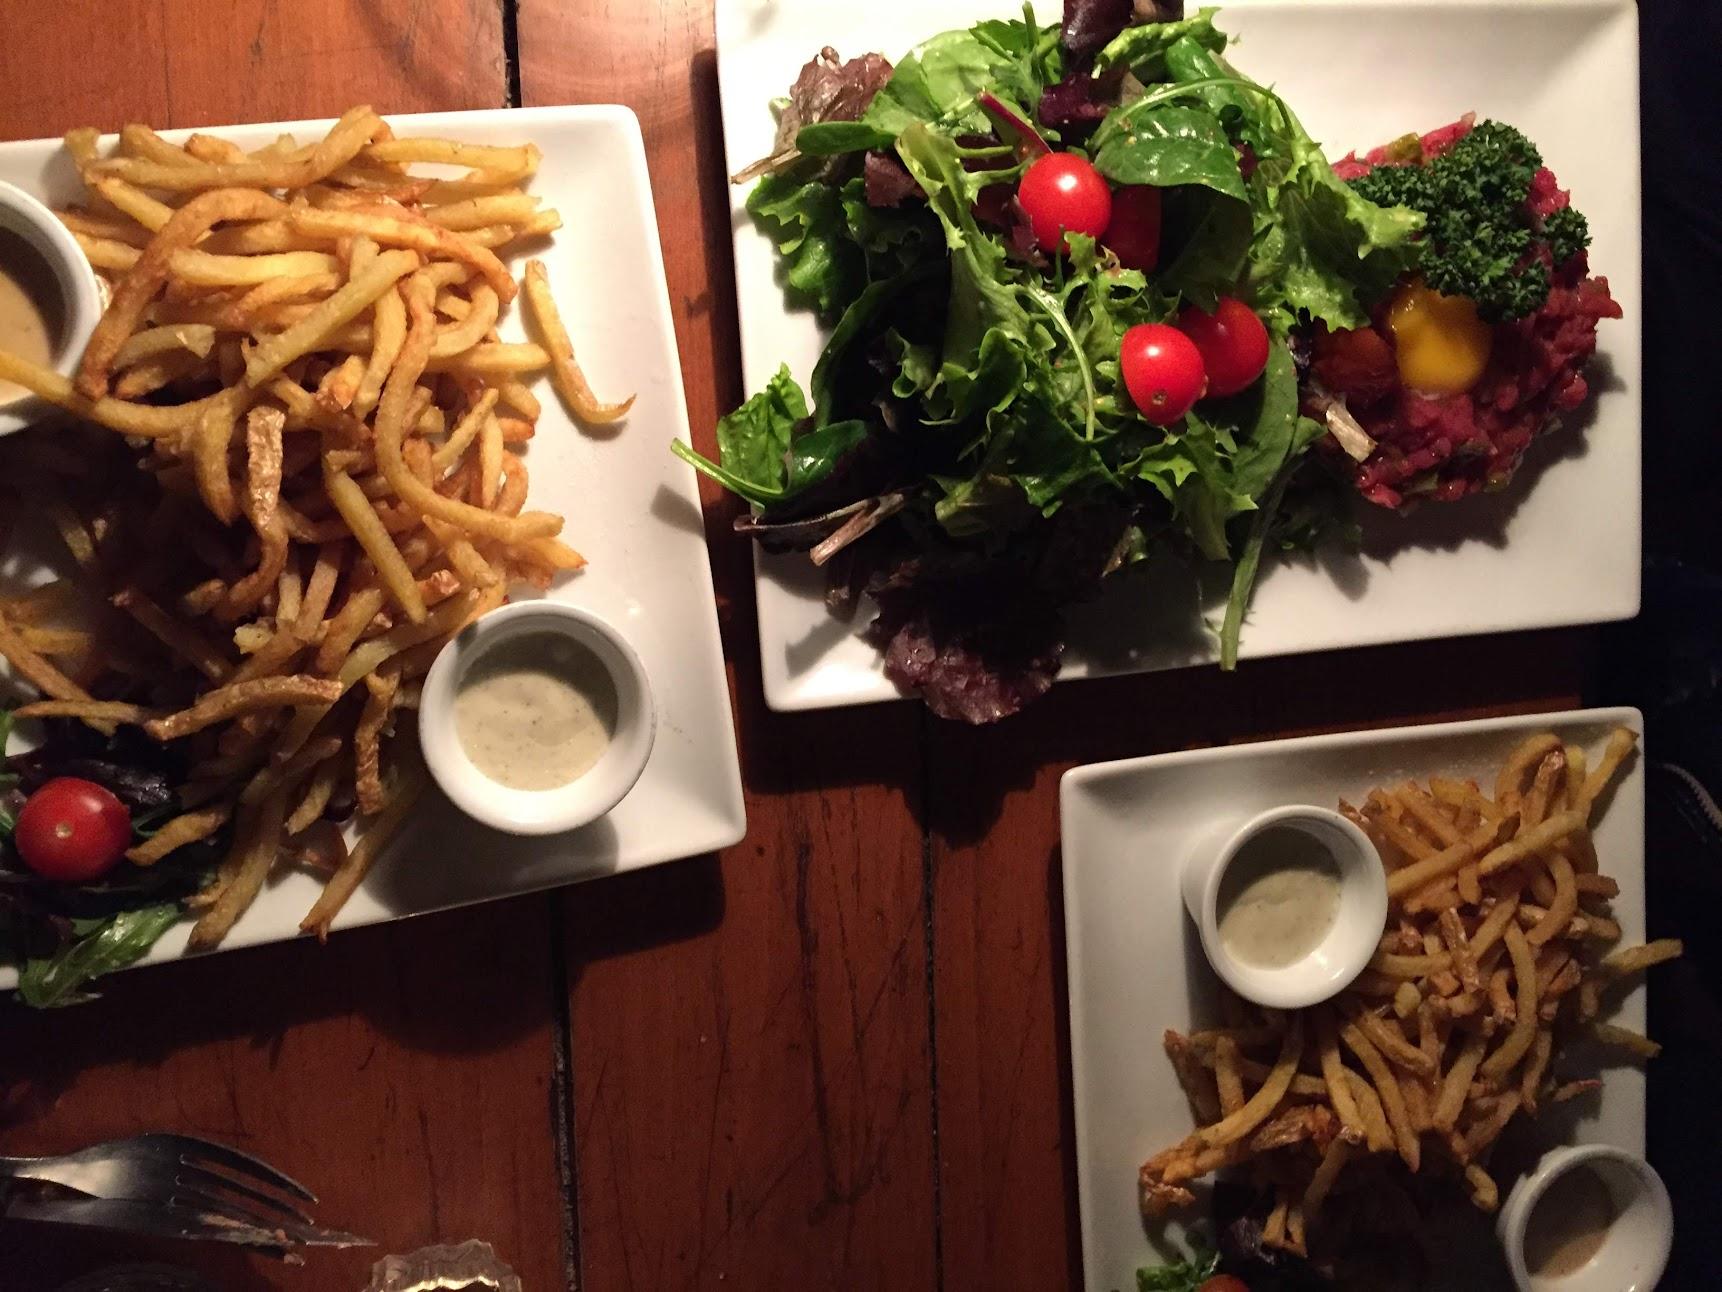 L'aller Retour Steak コートドブッフ パリ ビストロ レストラン フランス料理 ラバロック シャロレー牛 タルタルステーキ